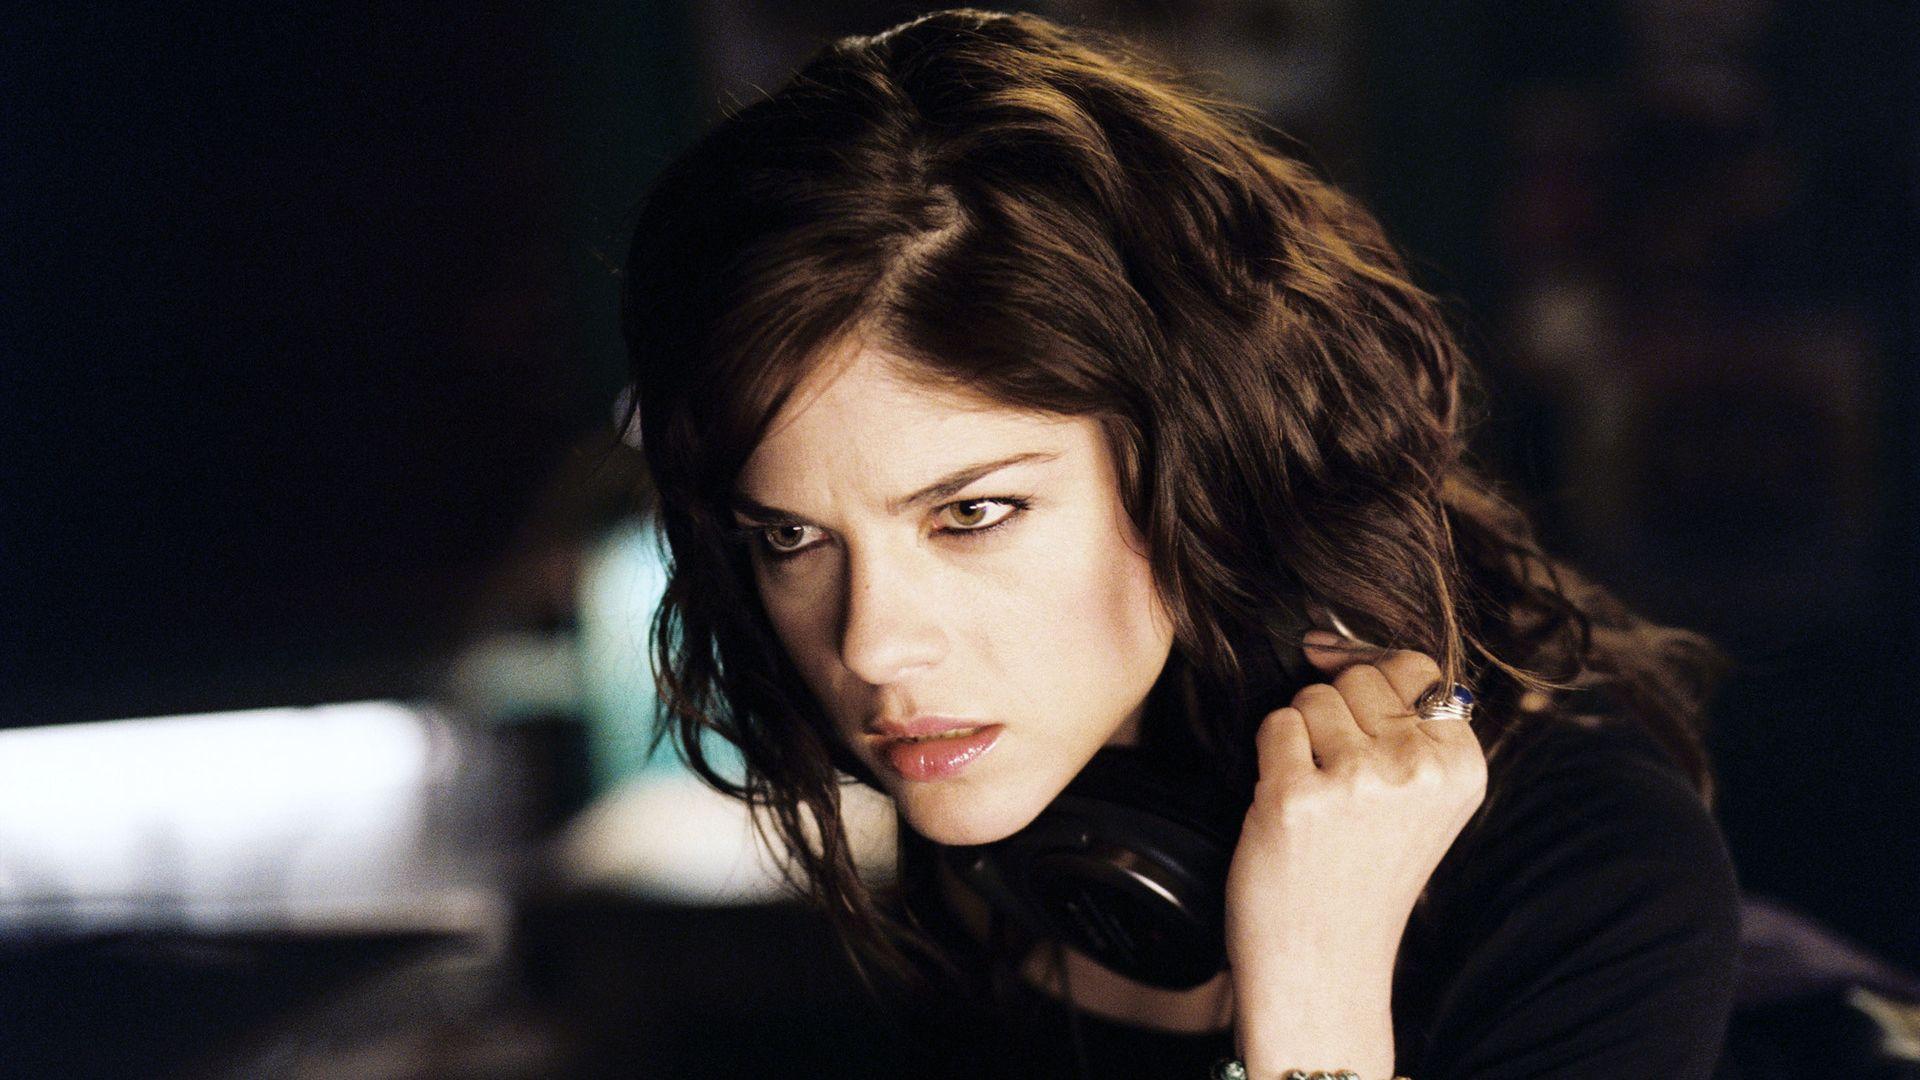 Wallpaper Selma Blair, actress, face, celebrity